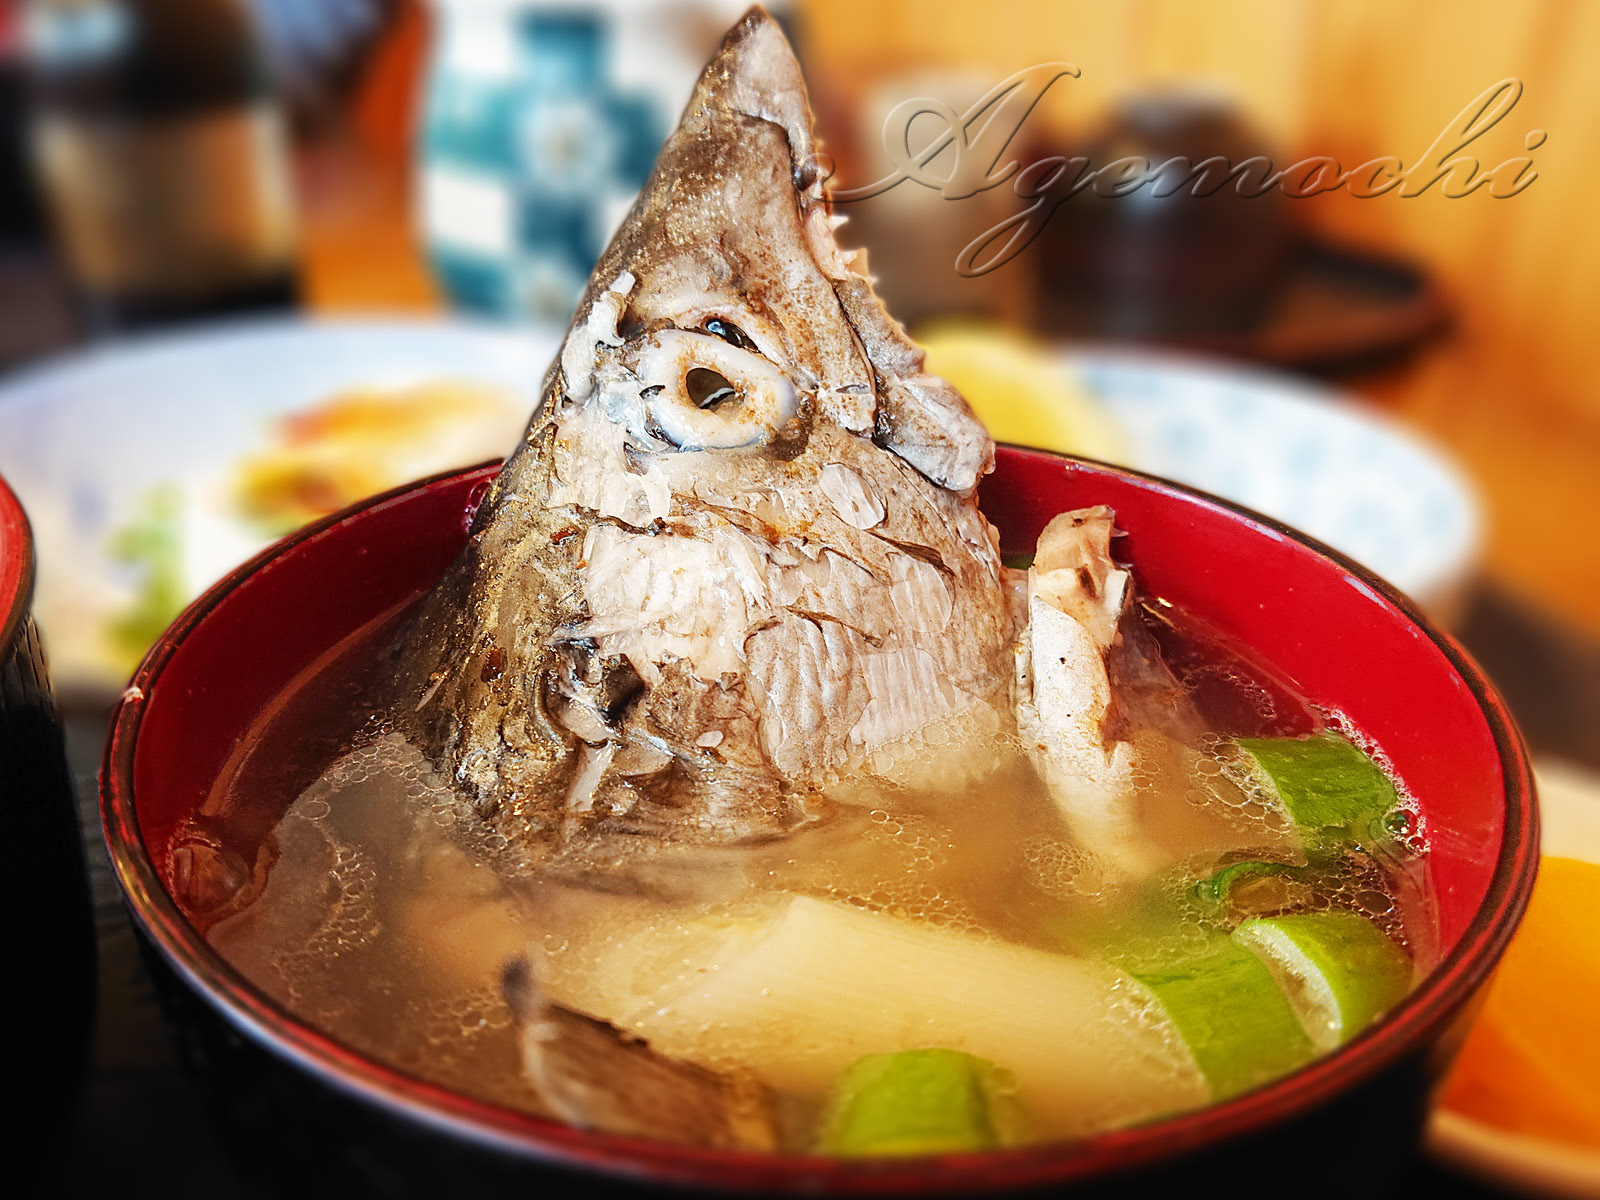 hideyoshi_negimajiru.jpg